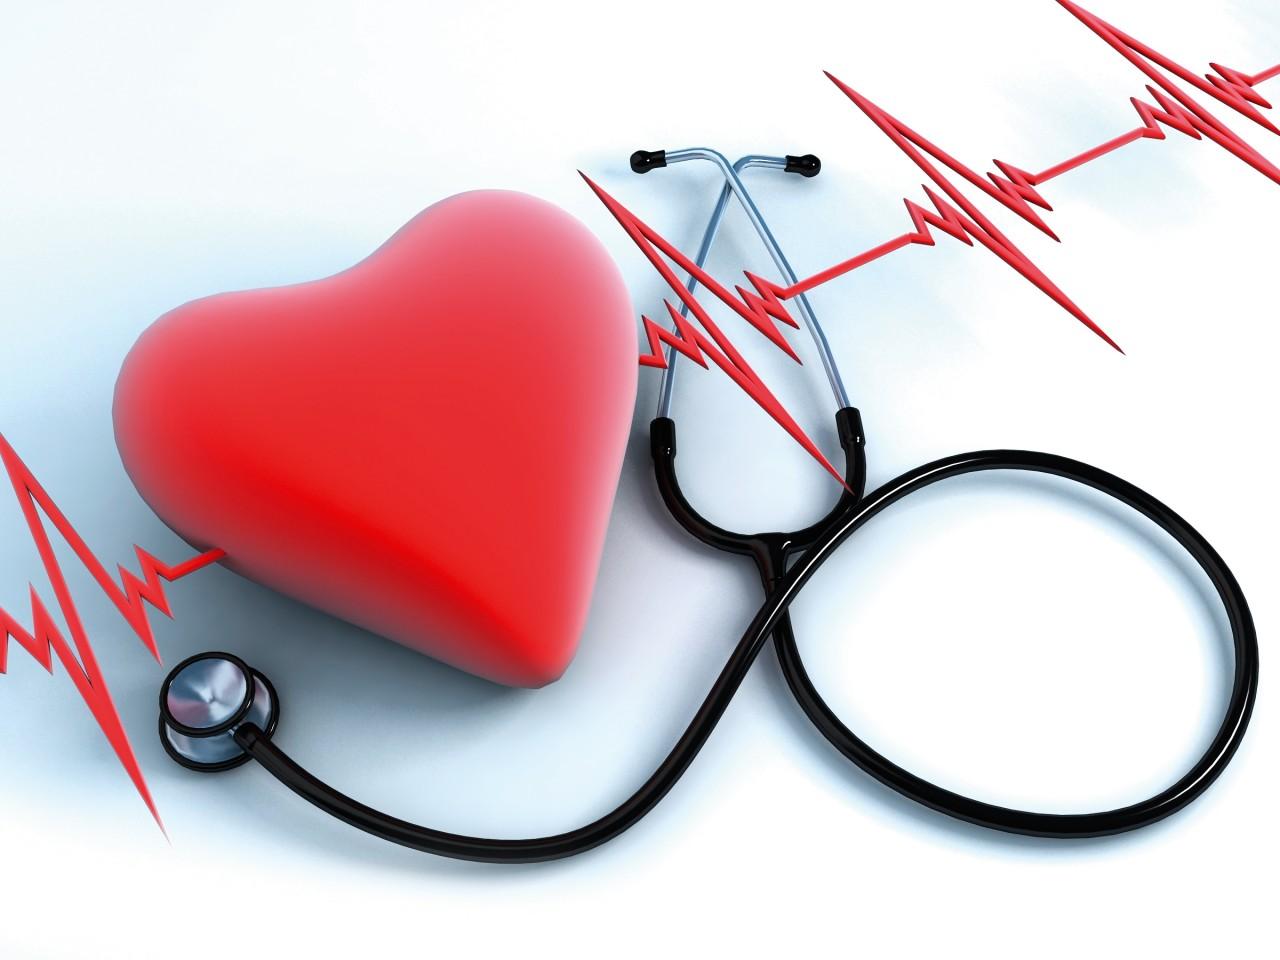 علاج ارتفاع ضغط الدم بالاعشاب مجرب